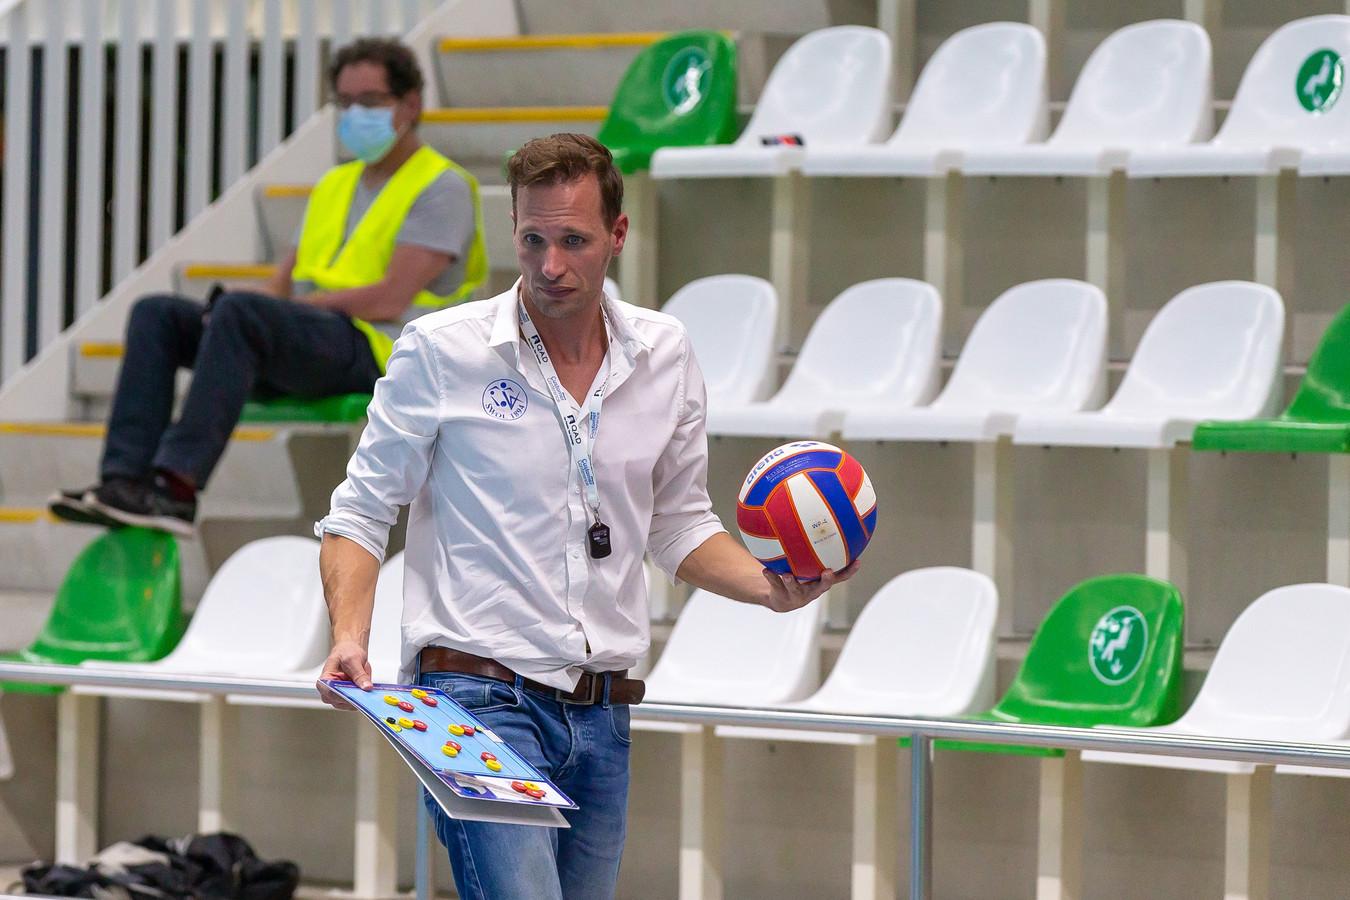 Gerrit-Jan Schothans gooit de handdoek in de ring. Hij is niet langer de hoofdcoach van de vrouwen van Swol. De ploeg gaat uit de eredivisie verdwijnen.